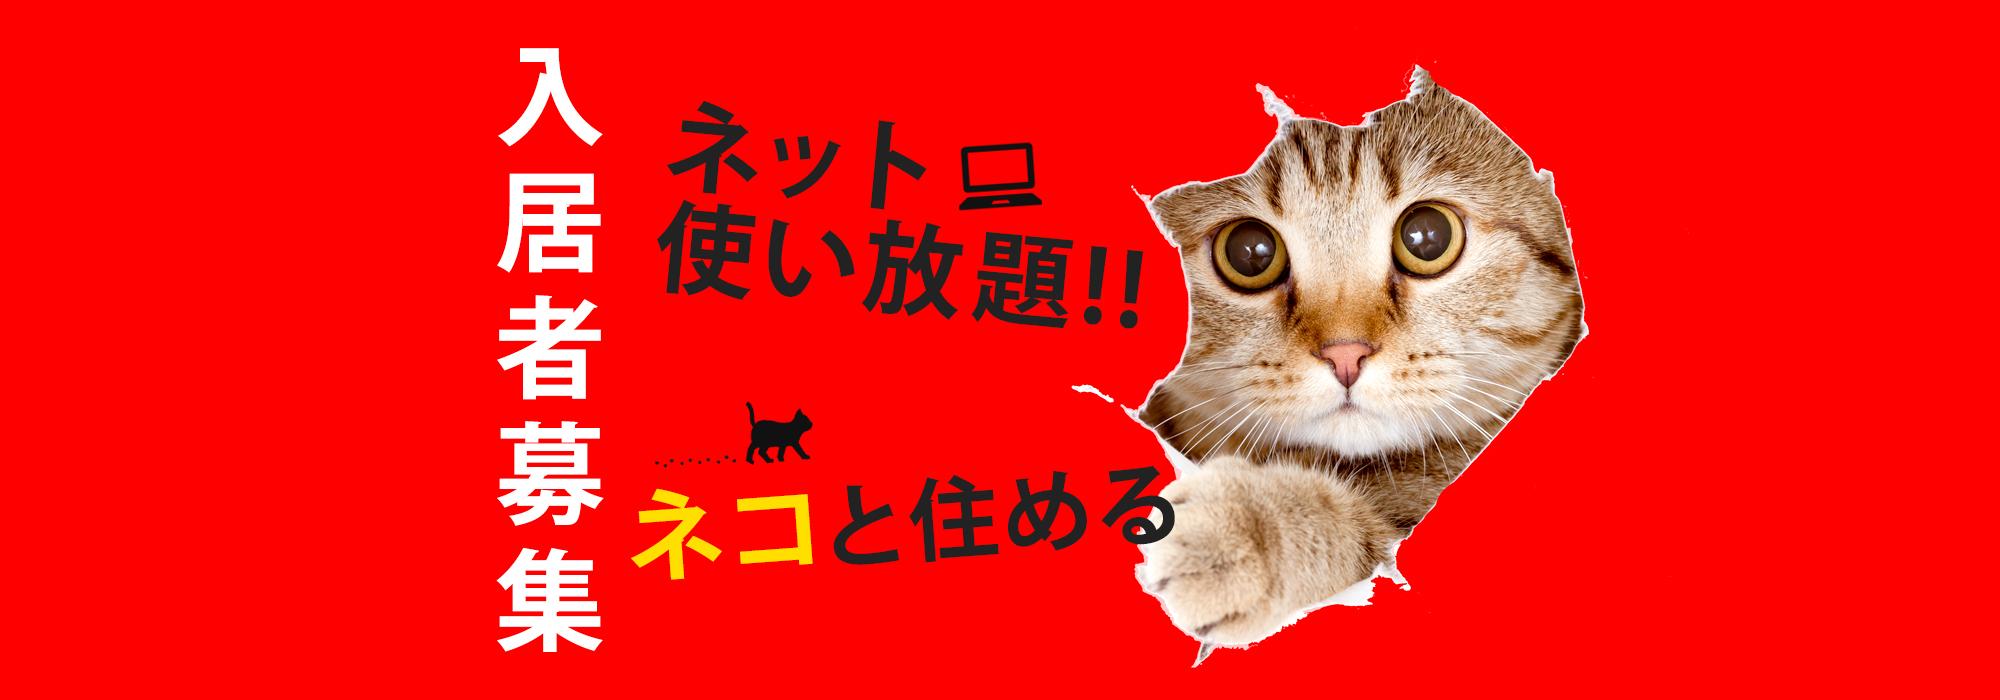 入居者募集 ネコと住める ネット使い放題